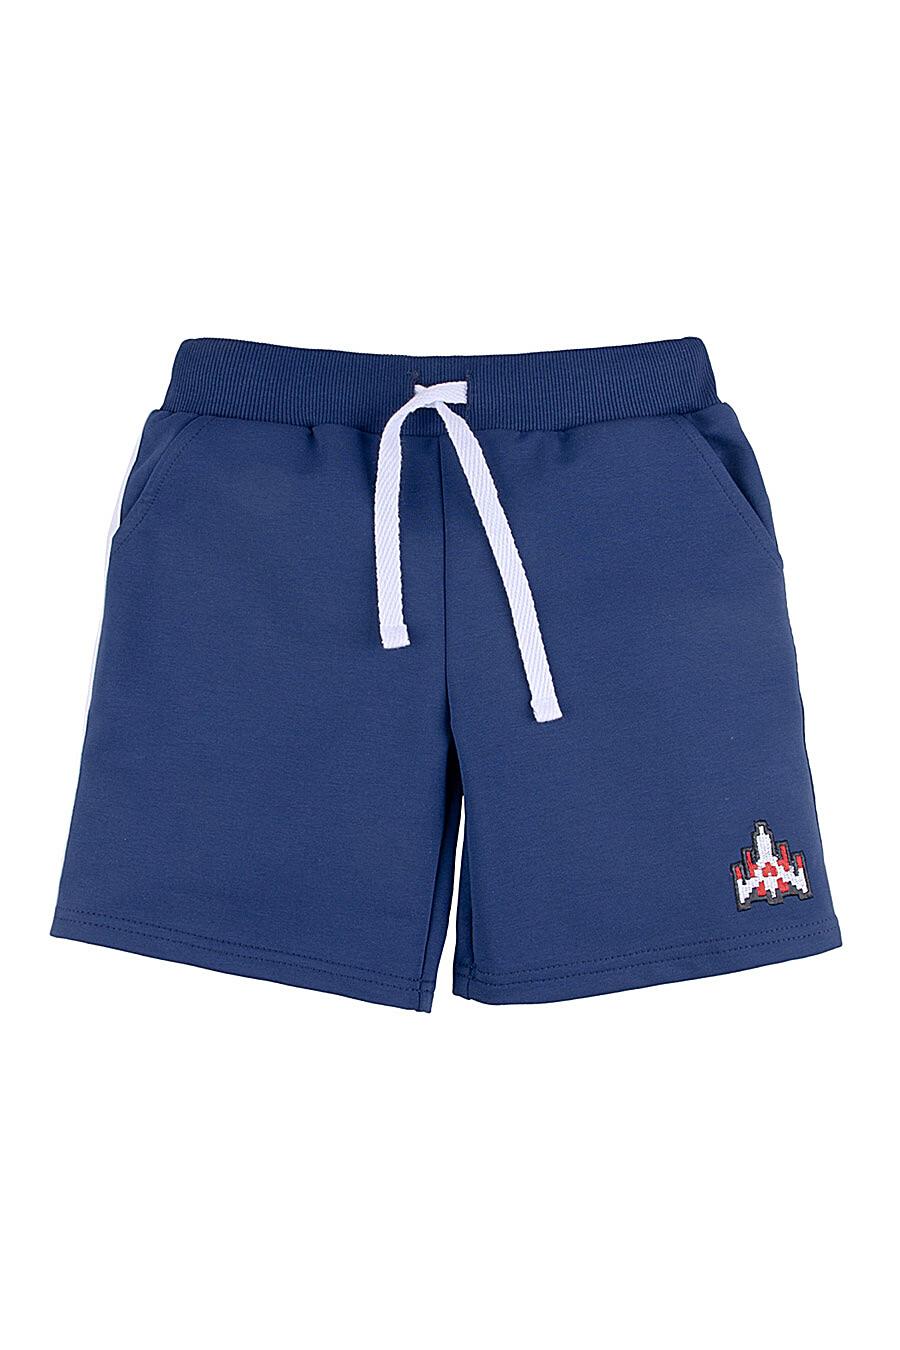 Шорты для мальчиков BOSSA NOVA 219912 купить оптом от производителя. Совместная покупка детской одежды в OptMoyo